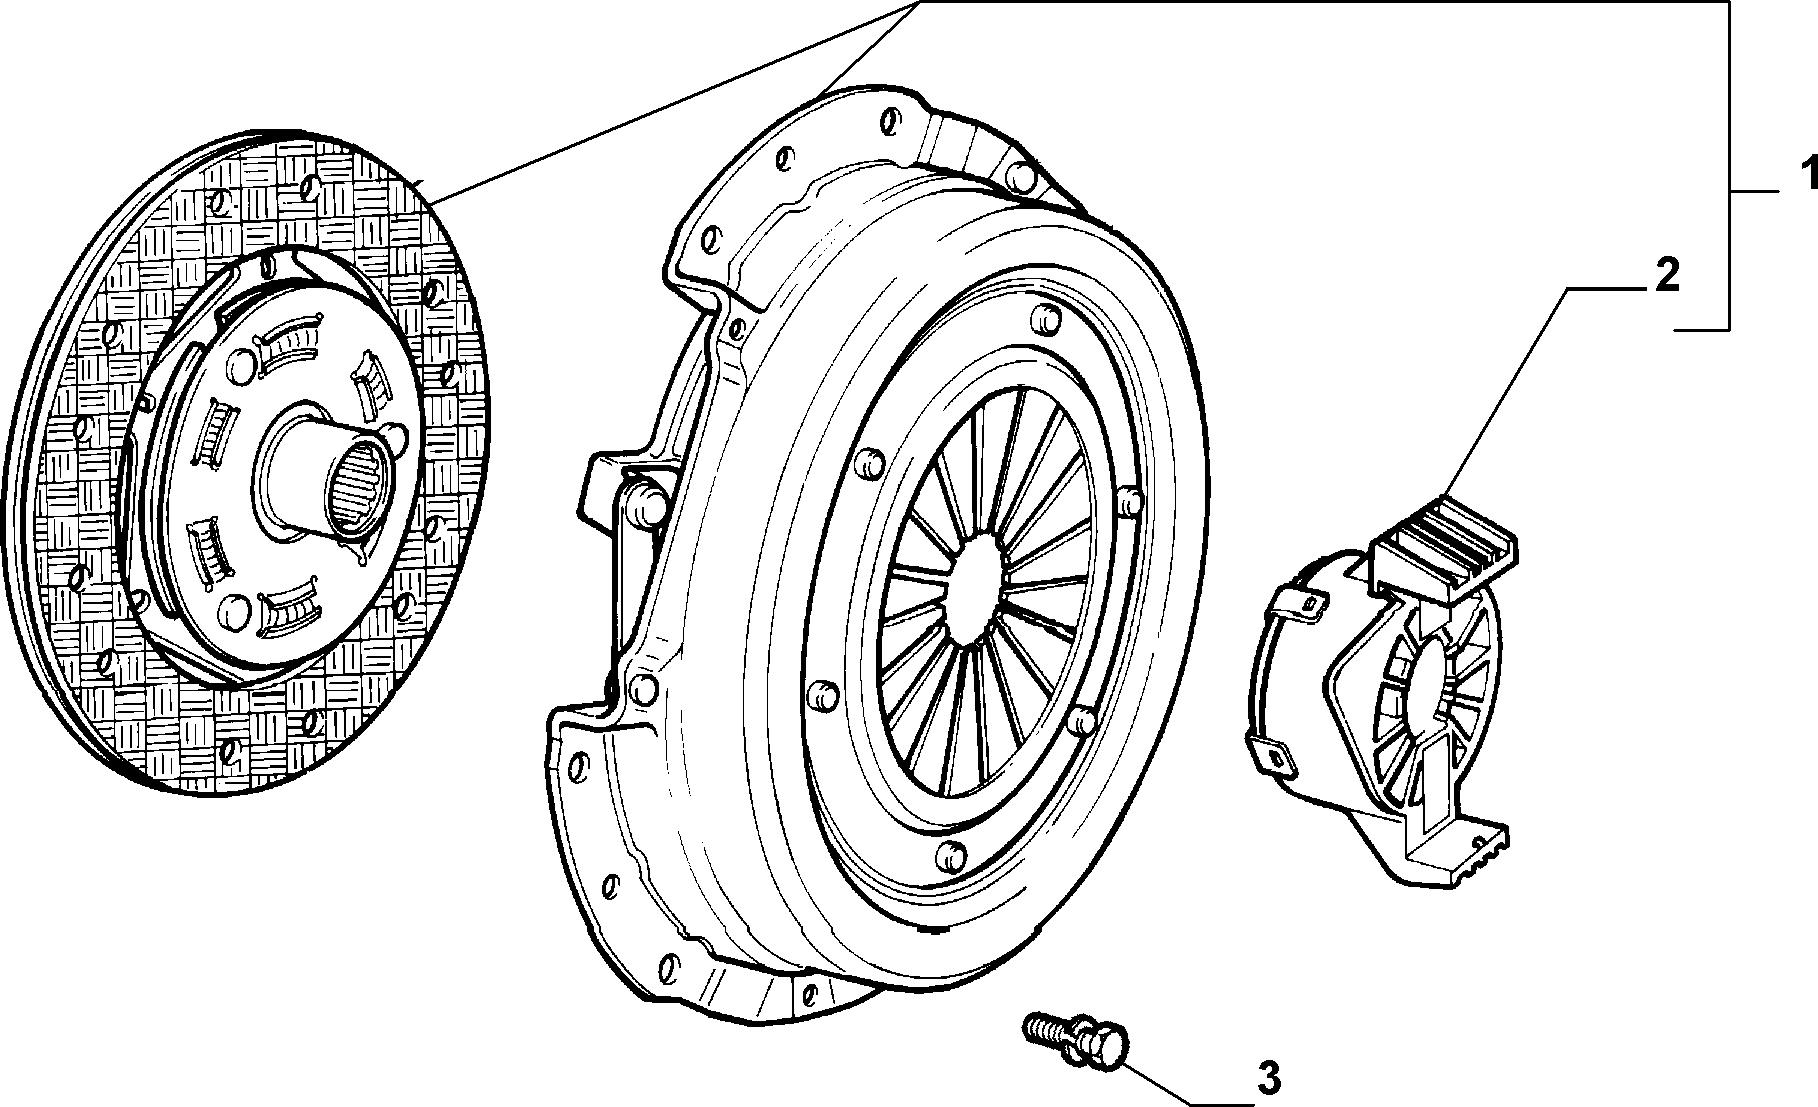 18109-010 CLUTCH KIT